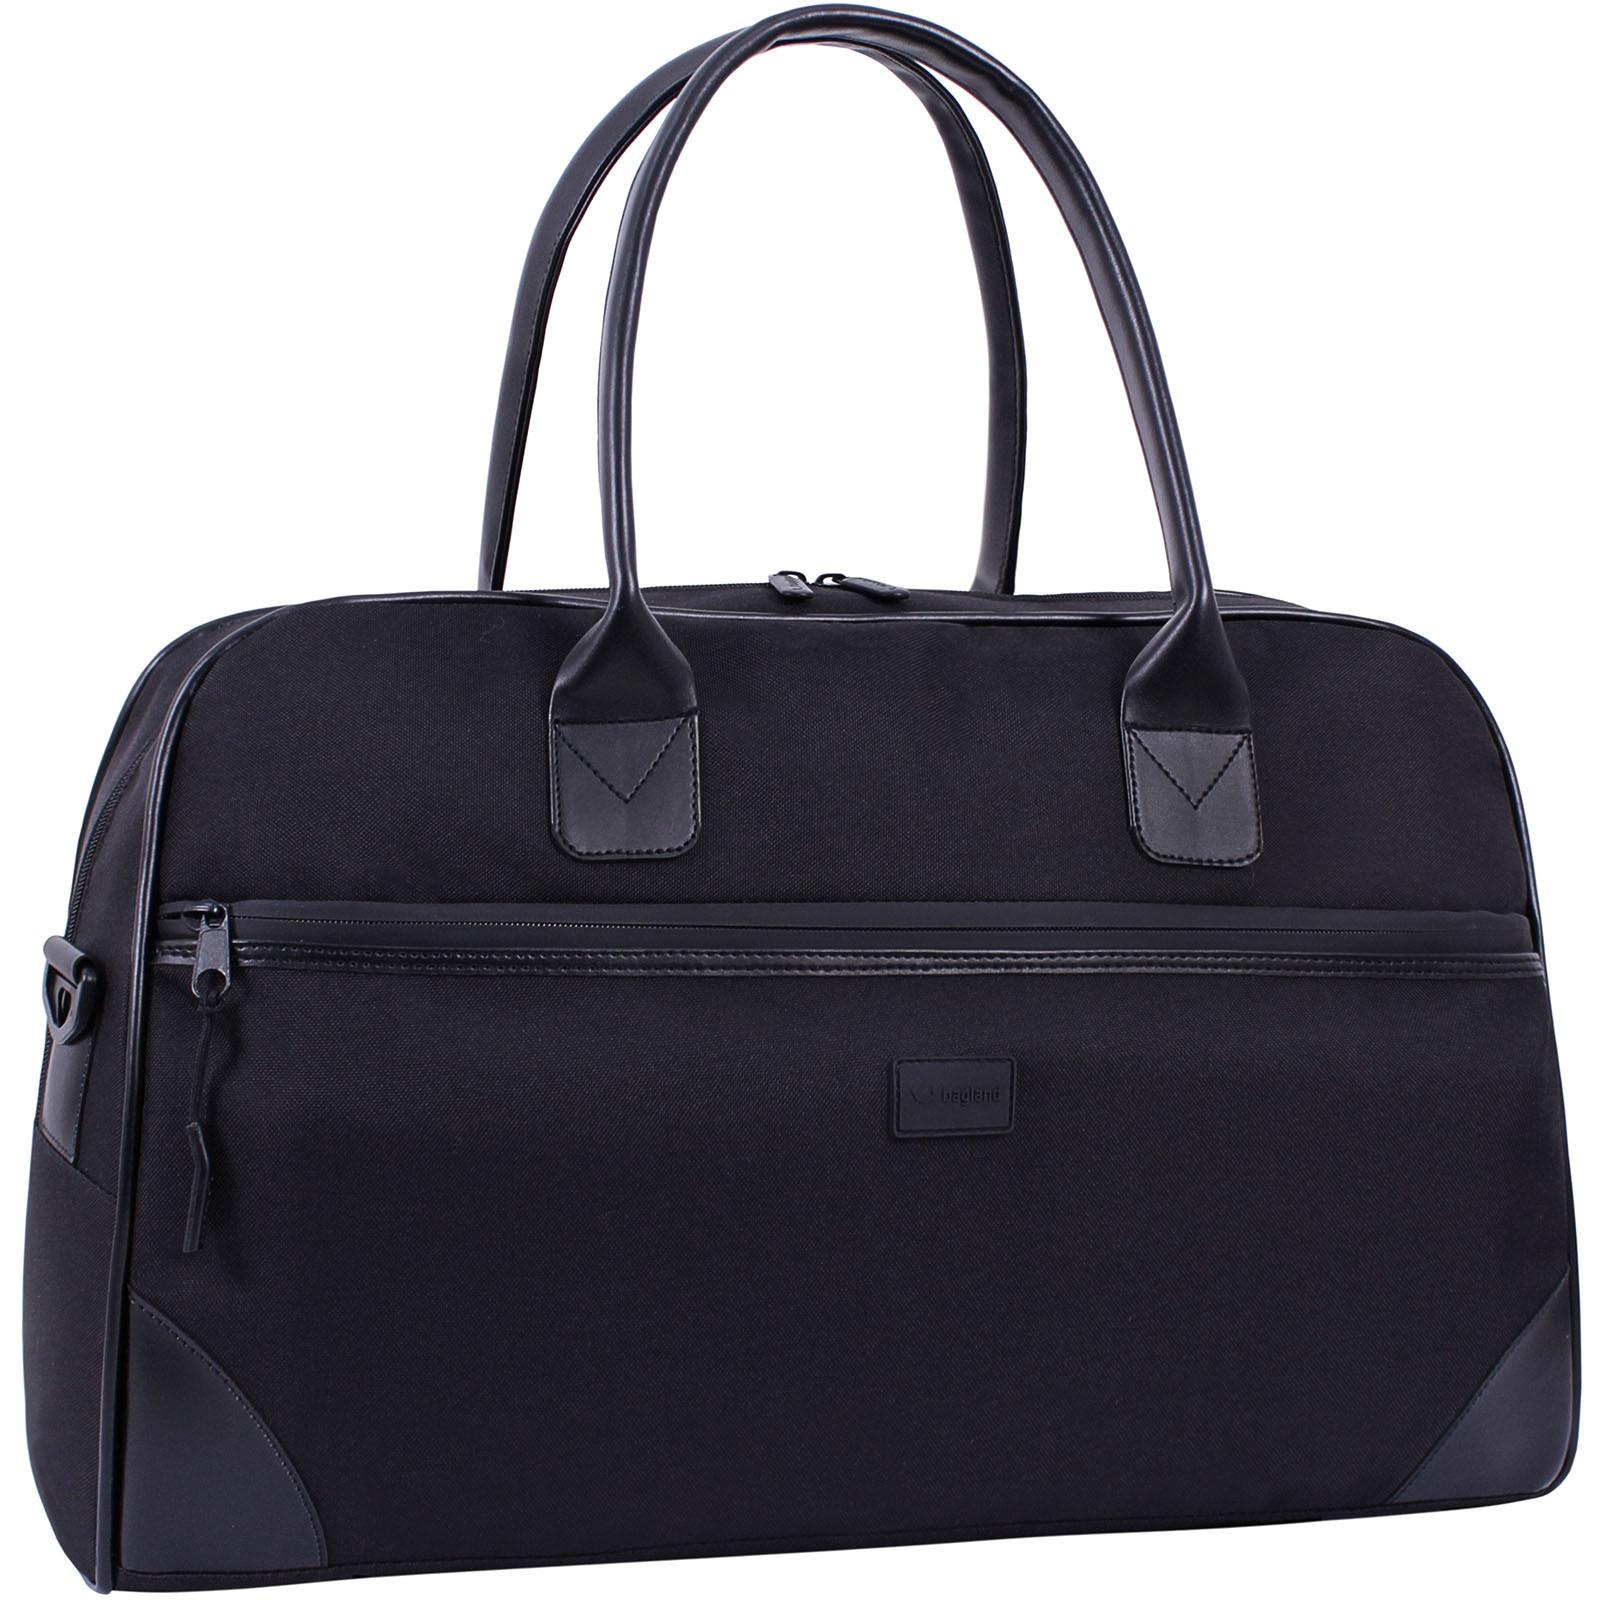 Дорожные сумки Сумка Bagland Infantino 36 л. Чёрный (0033066) IMG_9272.JPG